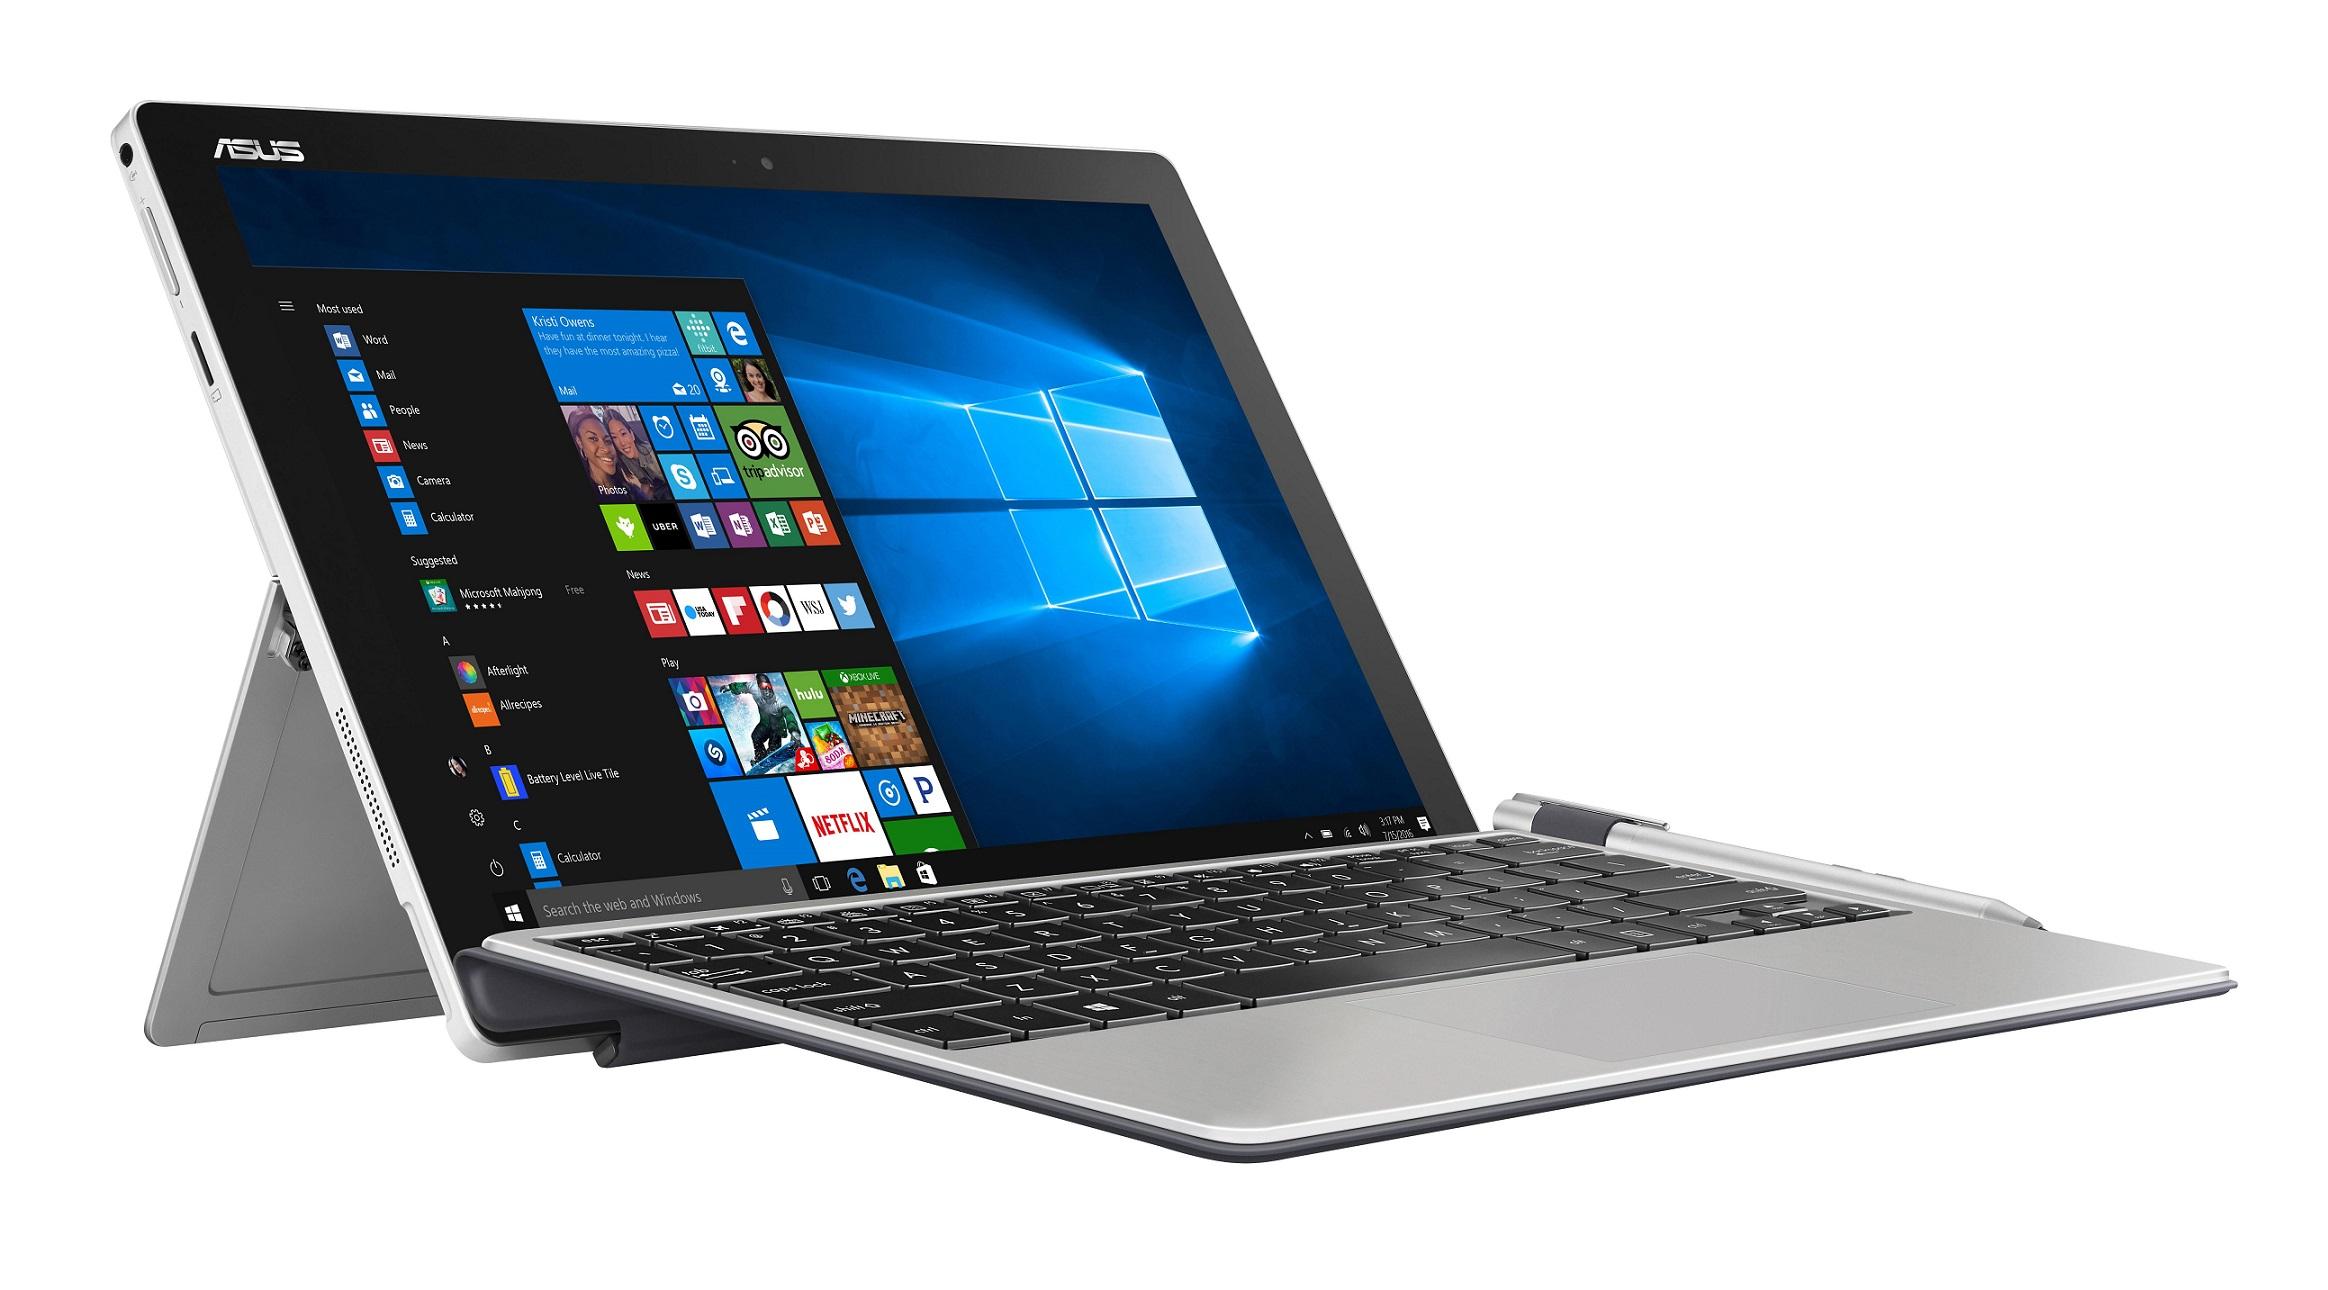 """ASUS T304UA-BC005R i7-7500U/8GB/512G SSD SATA3/HD graphics/12,6"""" 2880x1620 IPS Touch lesklý/W10 Pro/Grey"""